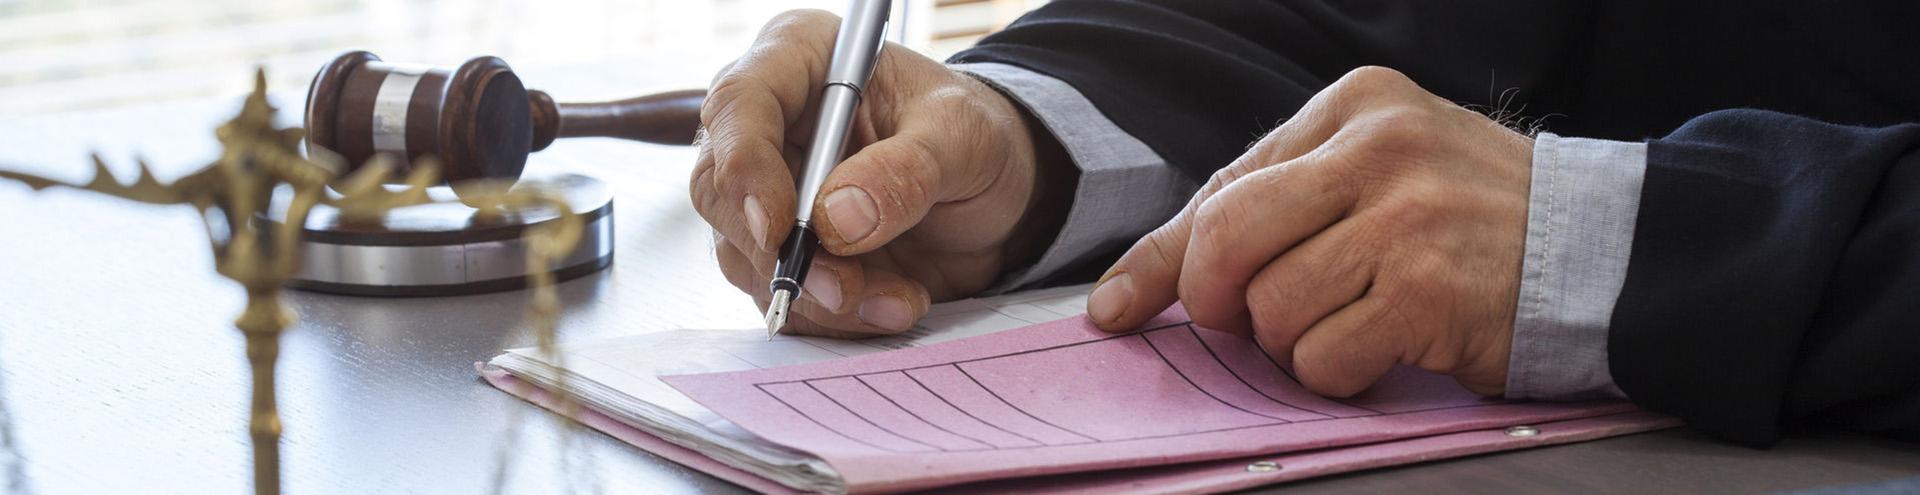 розыск должника в исполнительном производстве в Астрахани